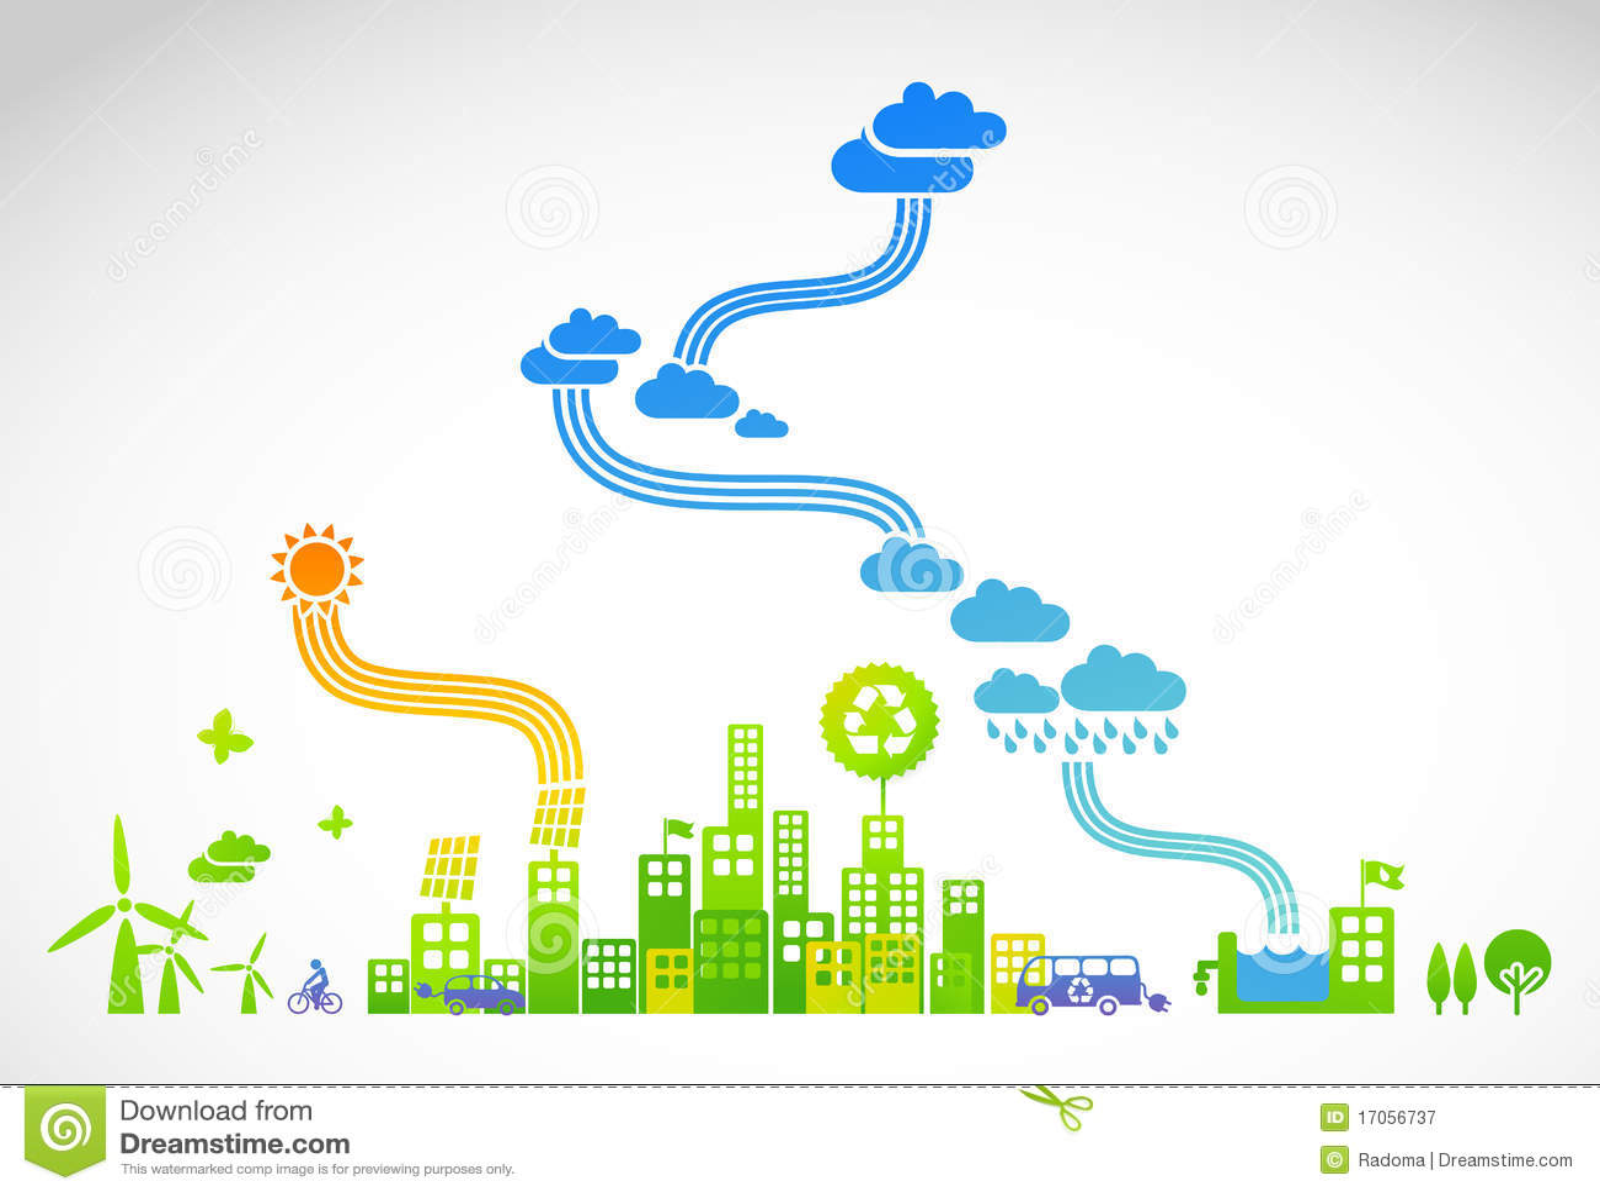 Ecotown - ilustração creativa